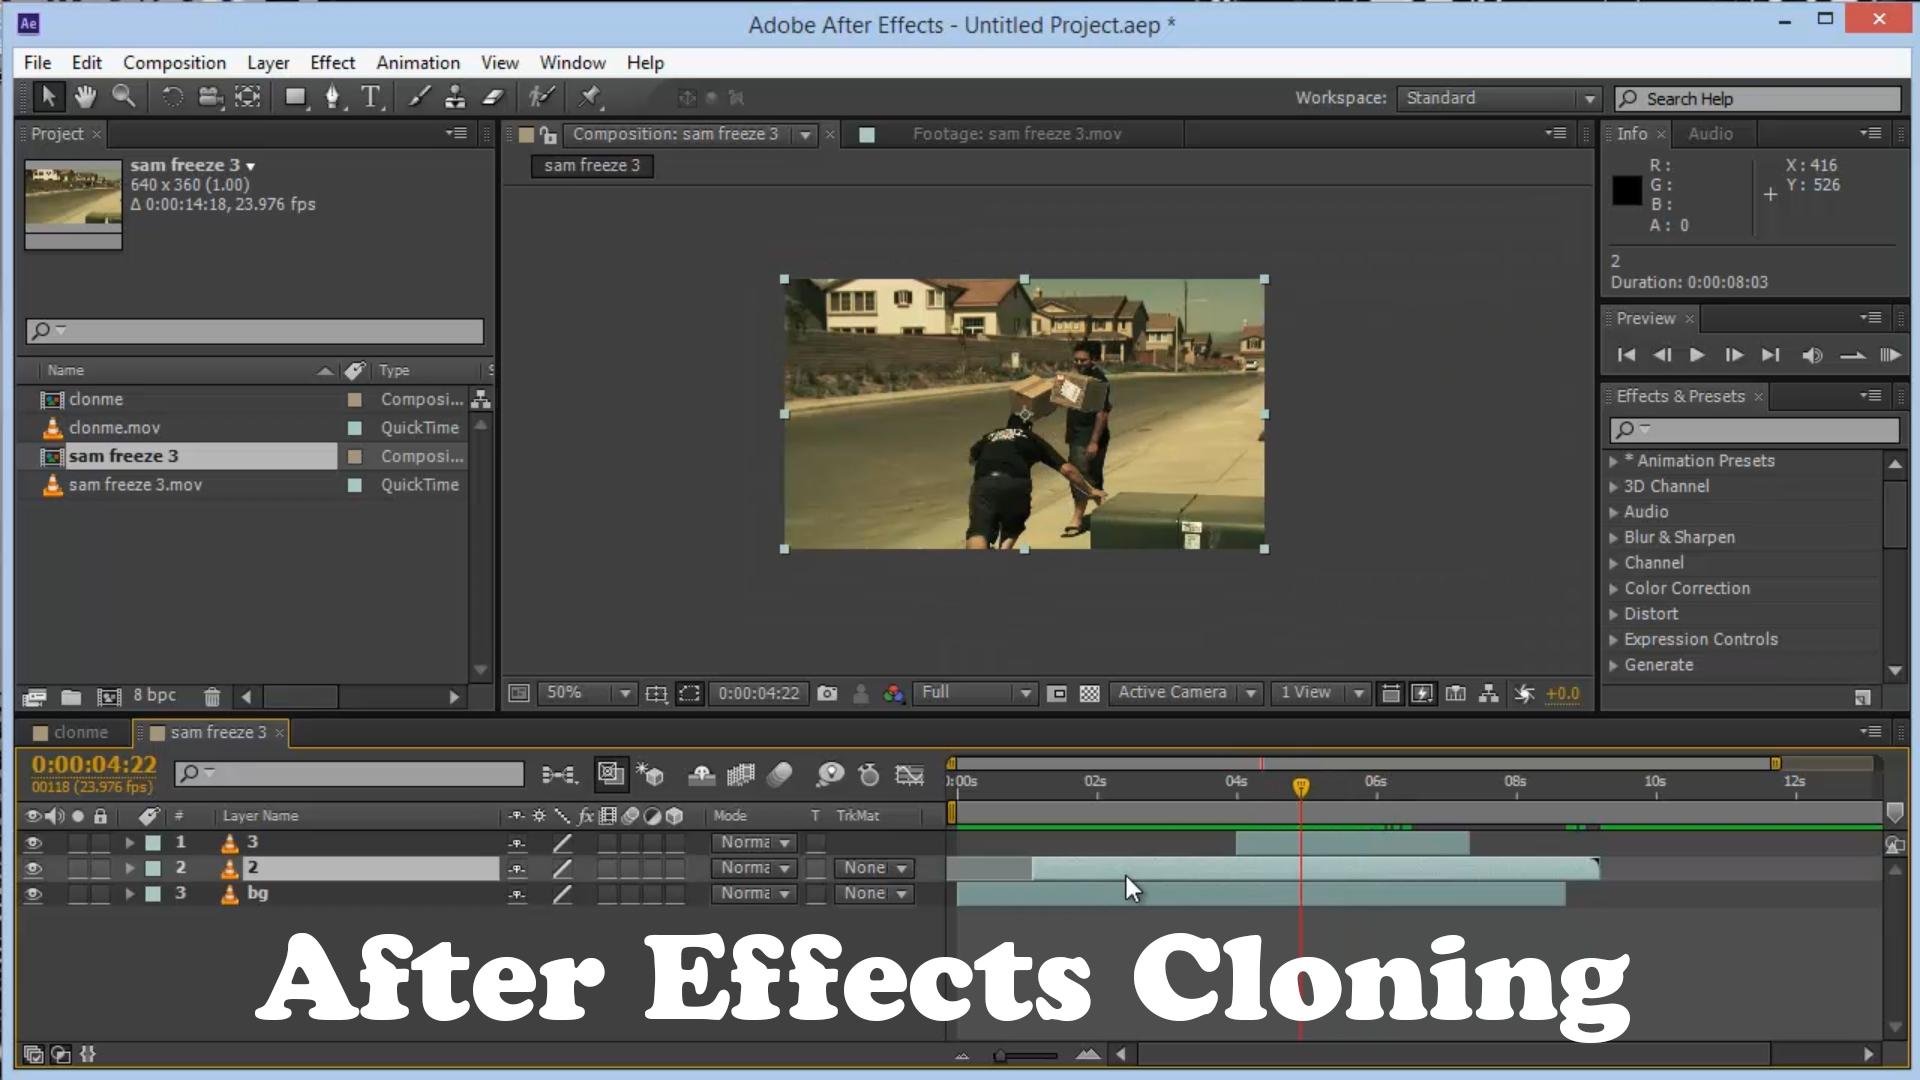 Cum ne clonam in After Effects?